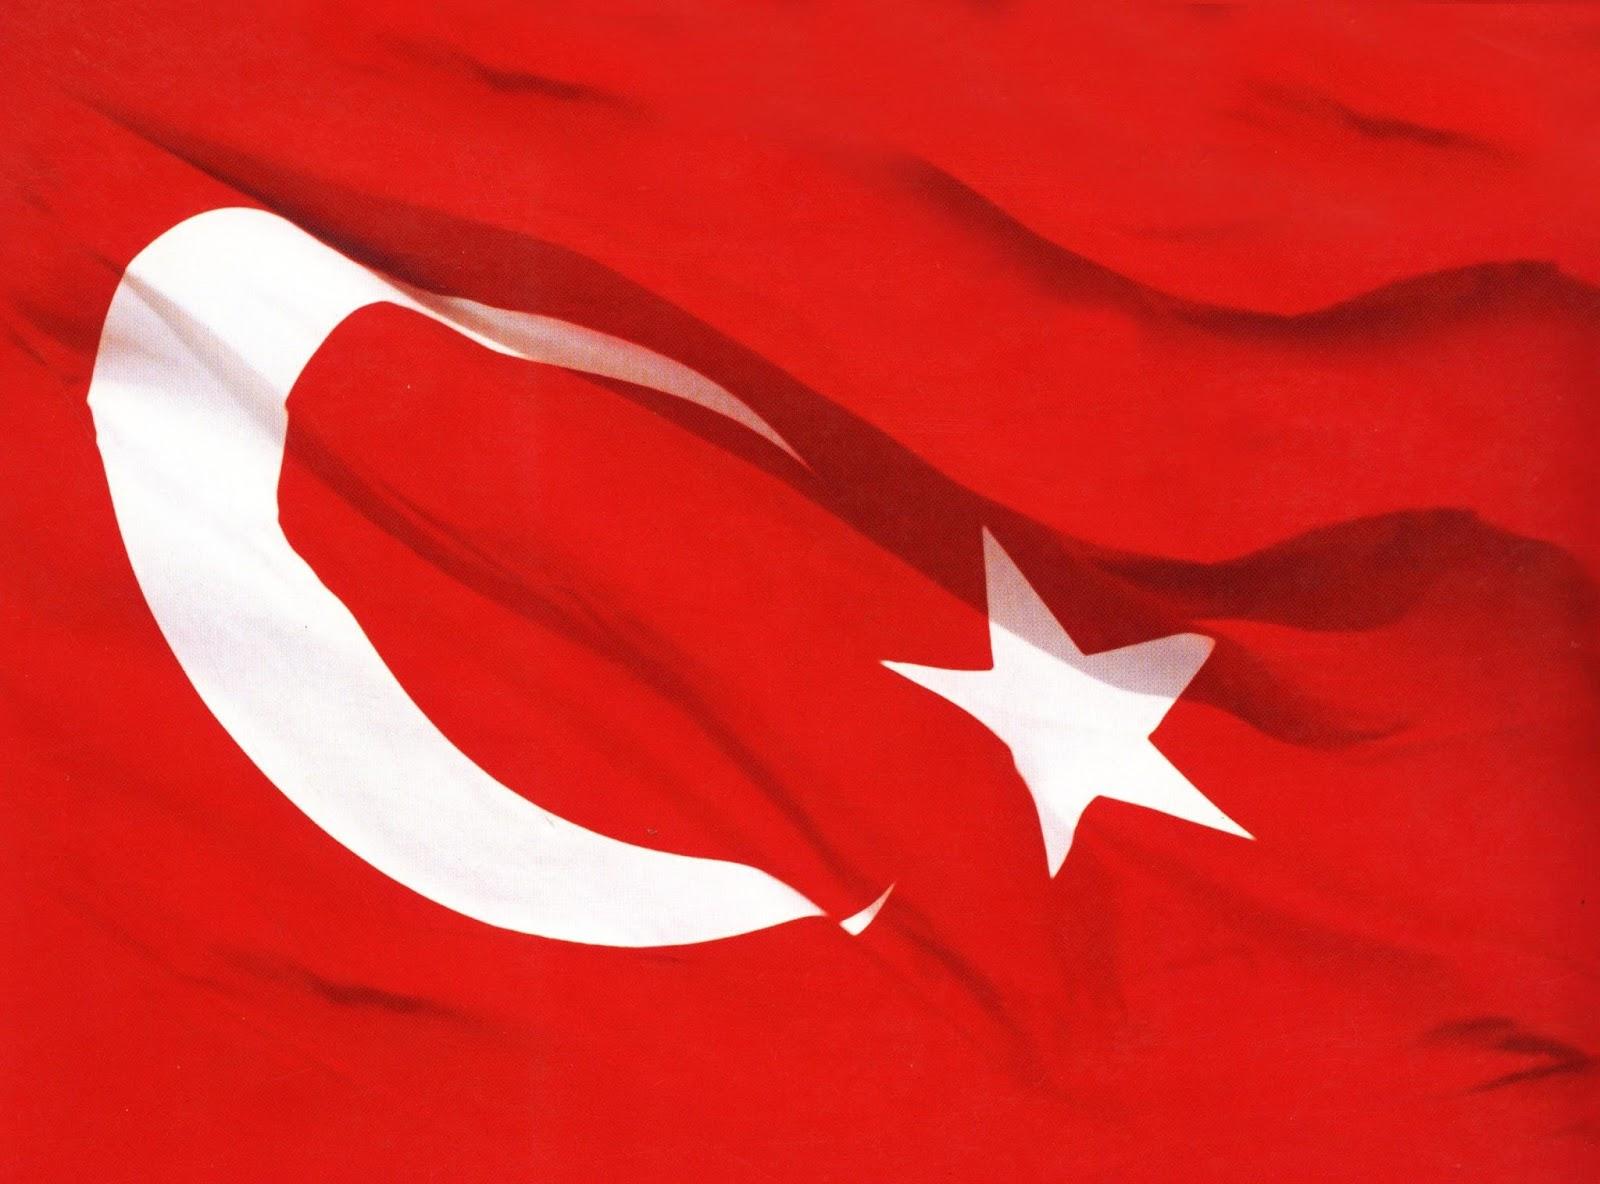 Sinop Bayrak İmalatı ve Bayrak Üretimi